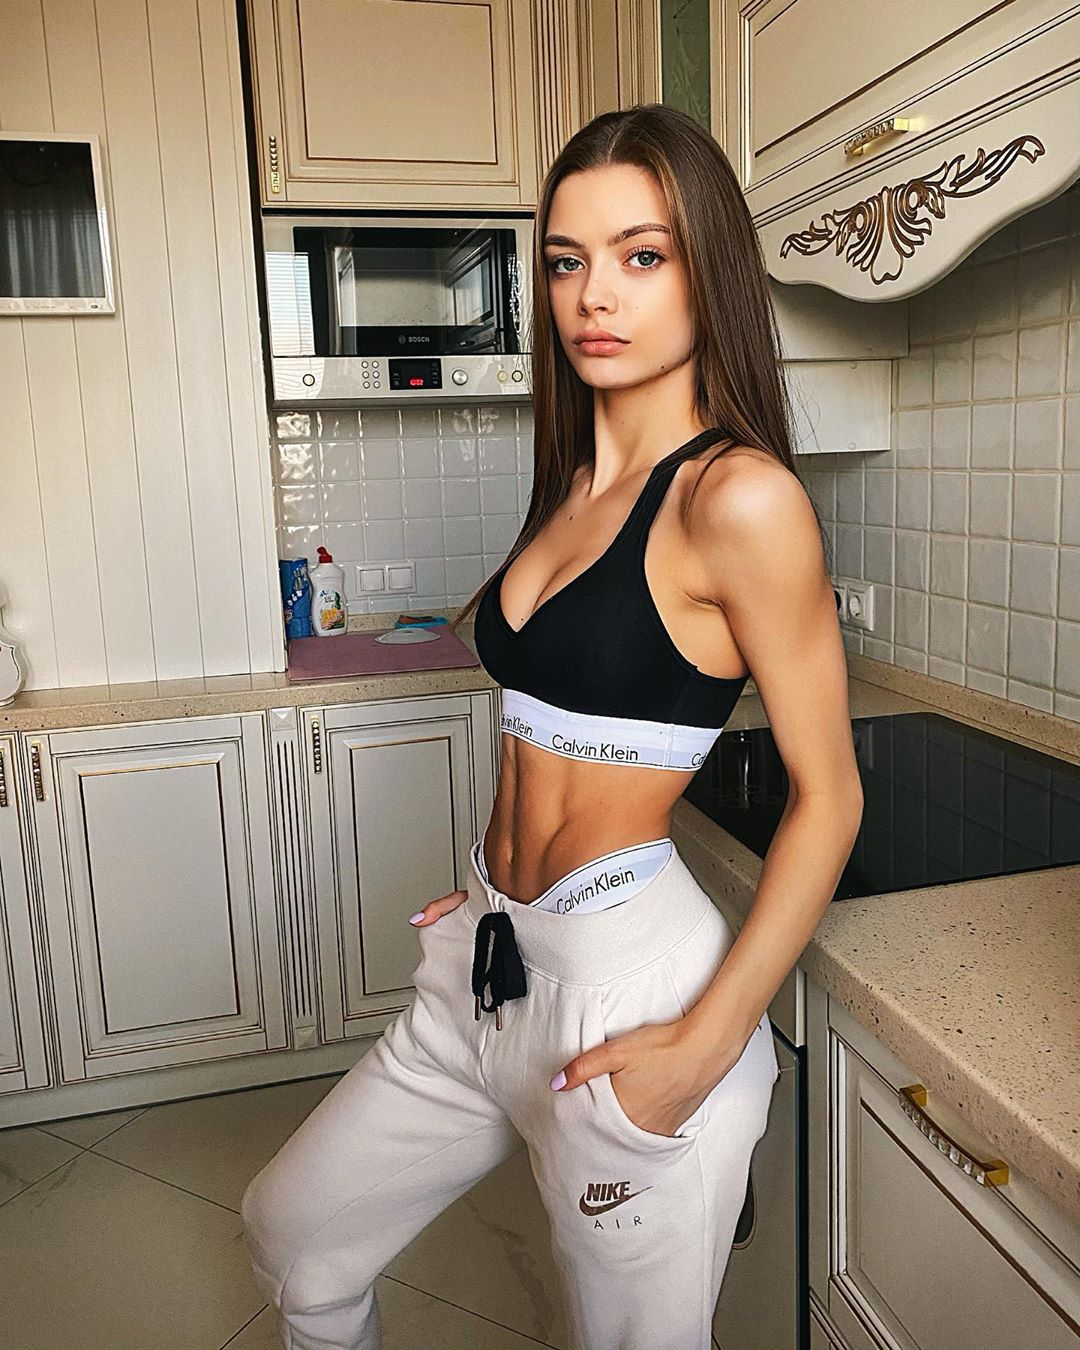 Аня Ищук. Биография. Парень. Рост и вес